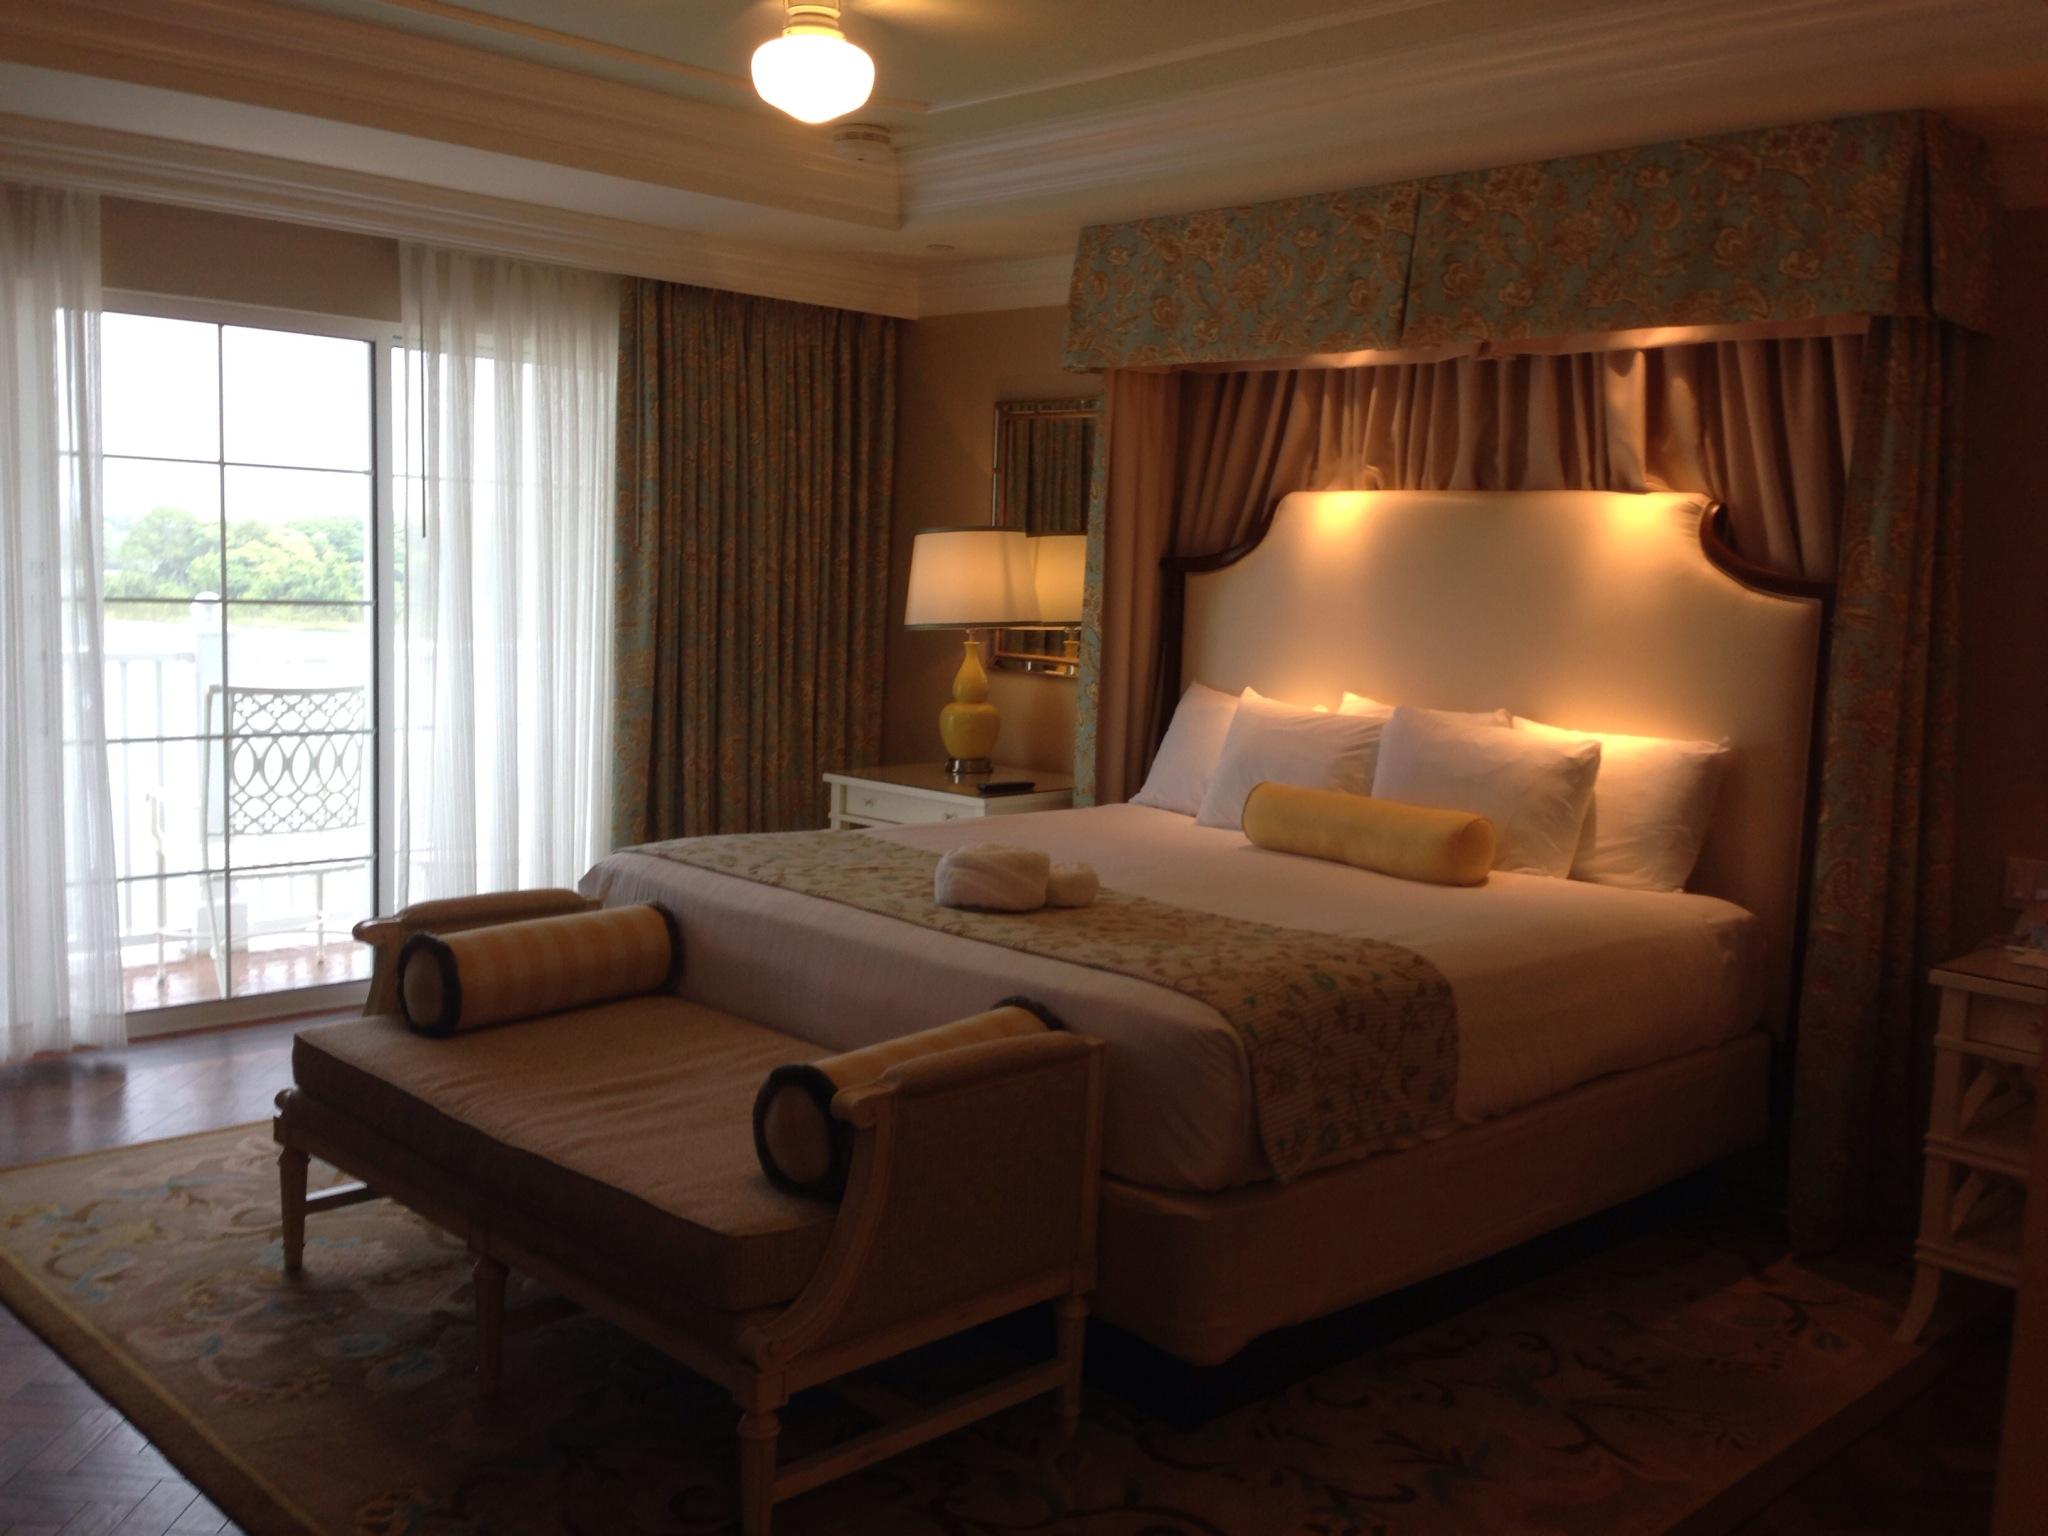 Grand Floridian 1 Bedroom Villa Floor Plan